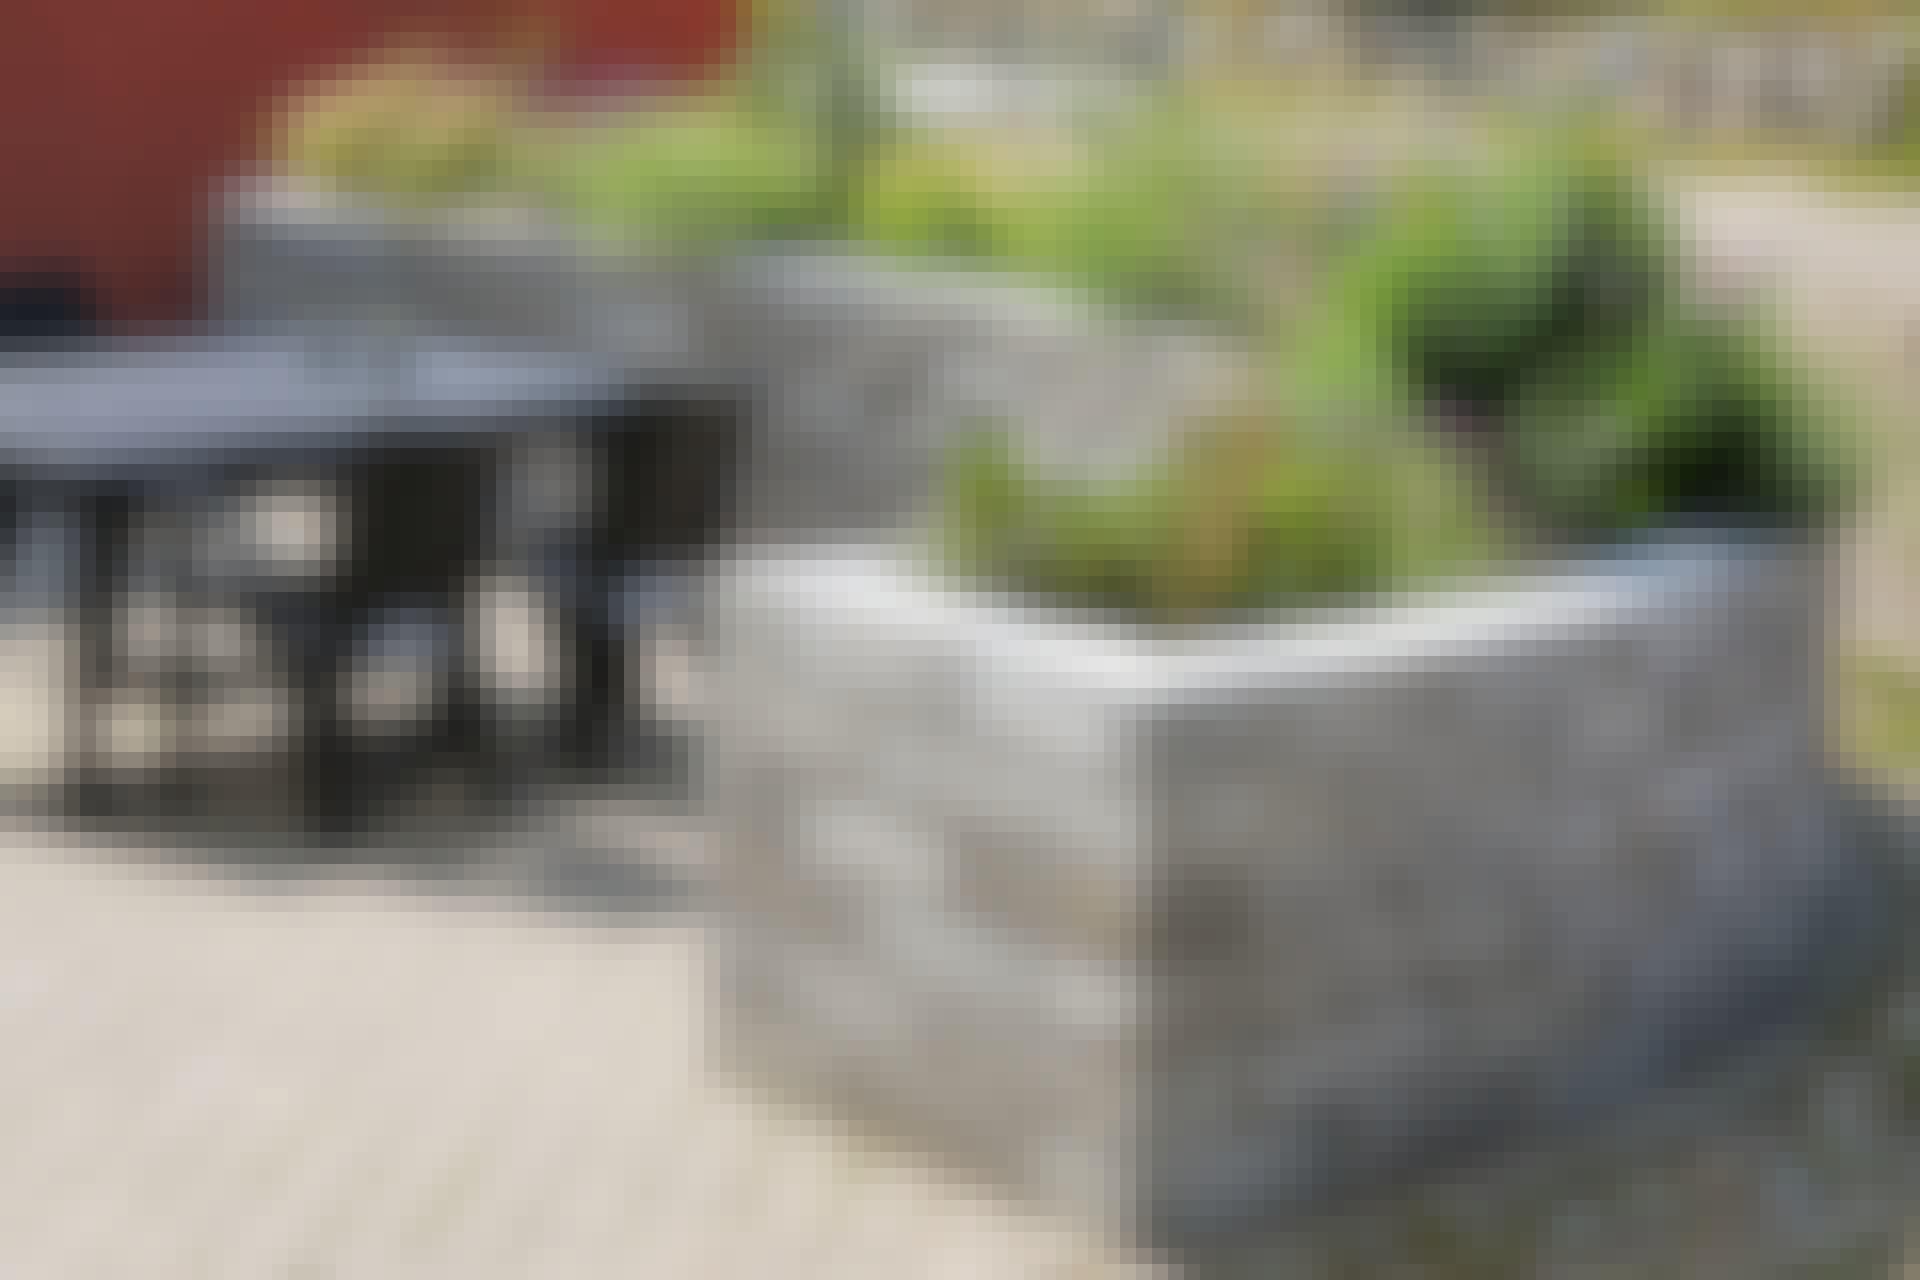 Buet høybed av betongstein